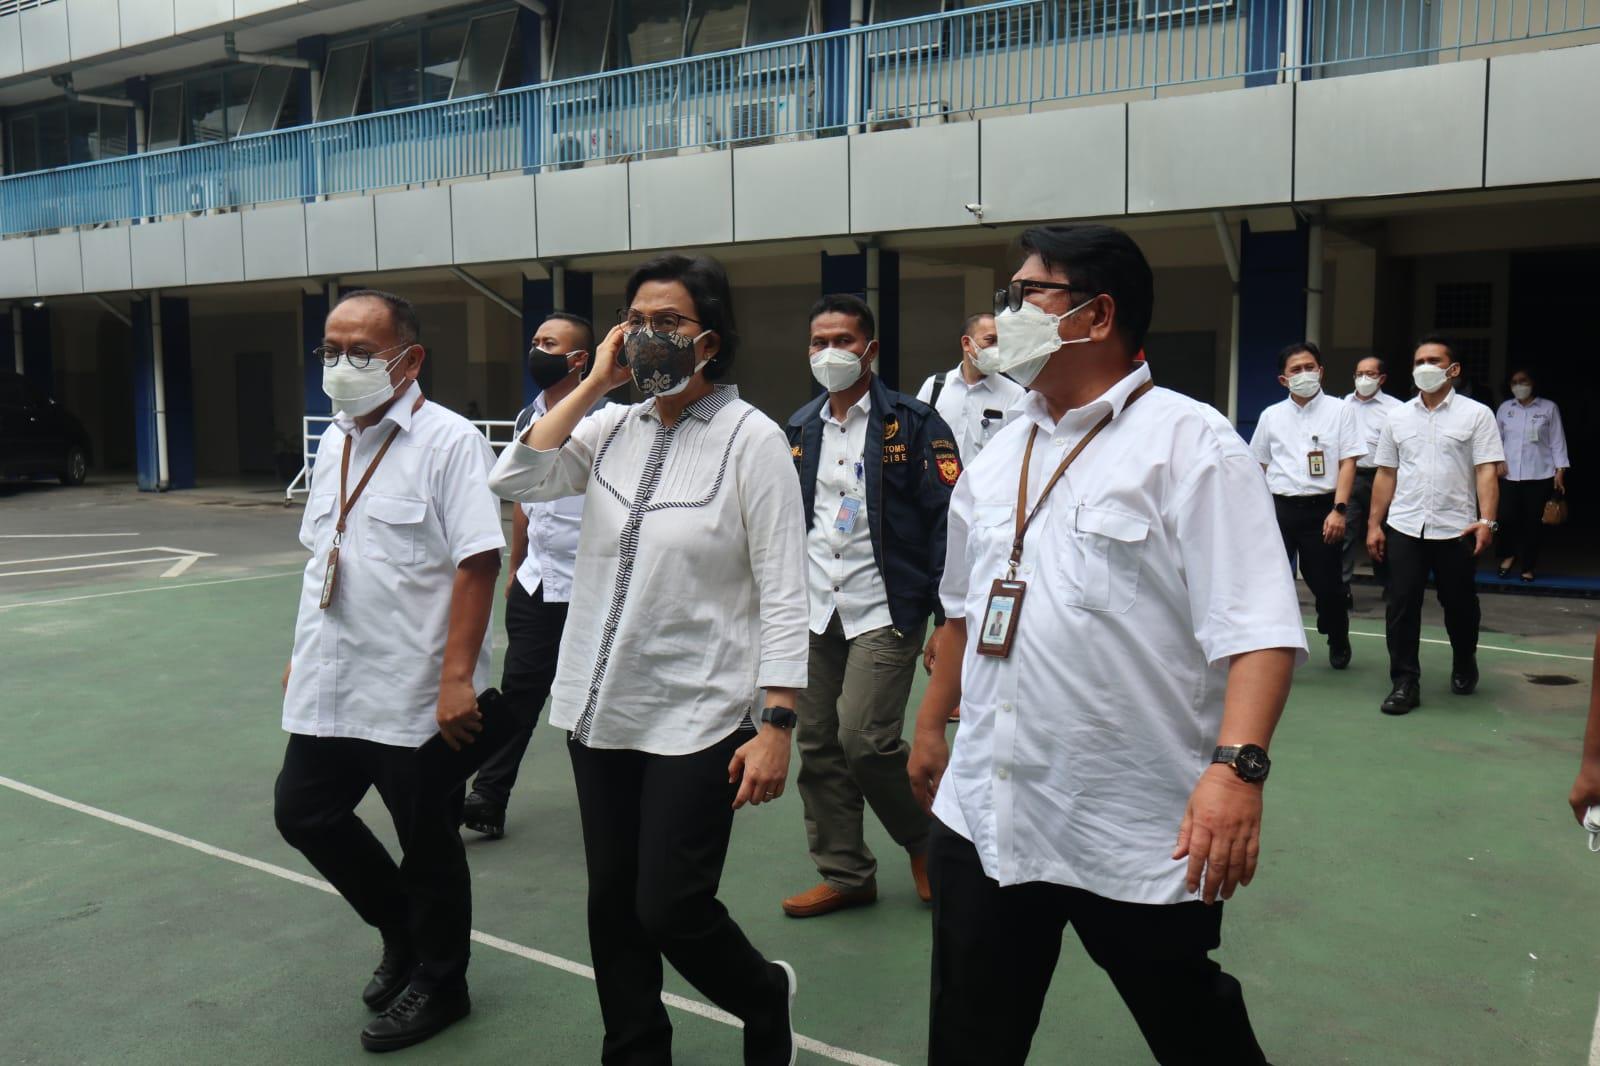 """Kunjungan Singkat Menteri Keuangan RI, Sri Mulyani Indrawati di KPKNL Medan, """"Jaga Profesionalisme, Integritas, dan Semangat Berprestas"""